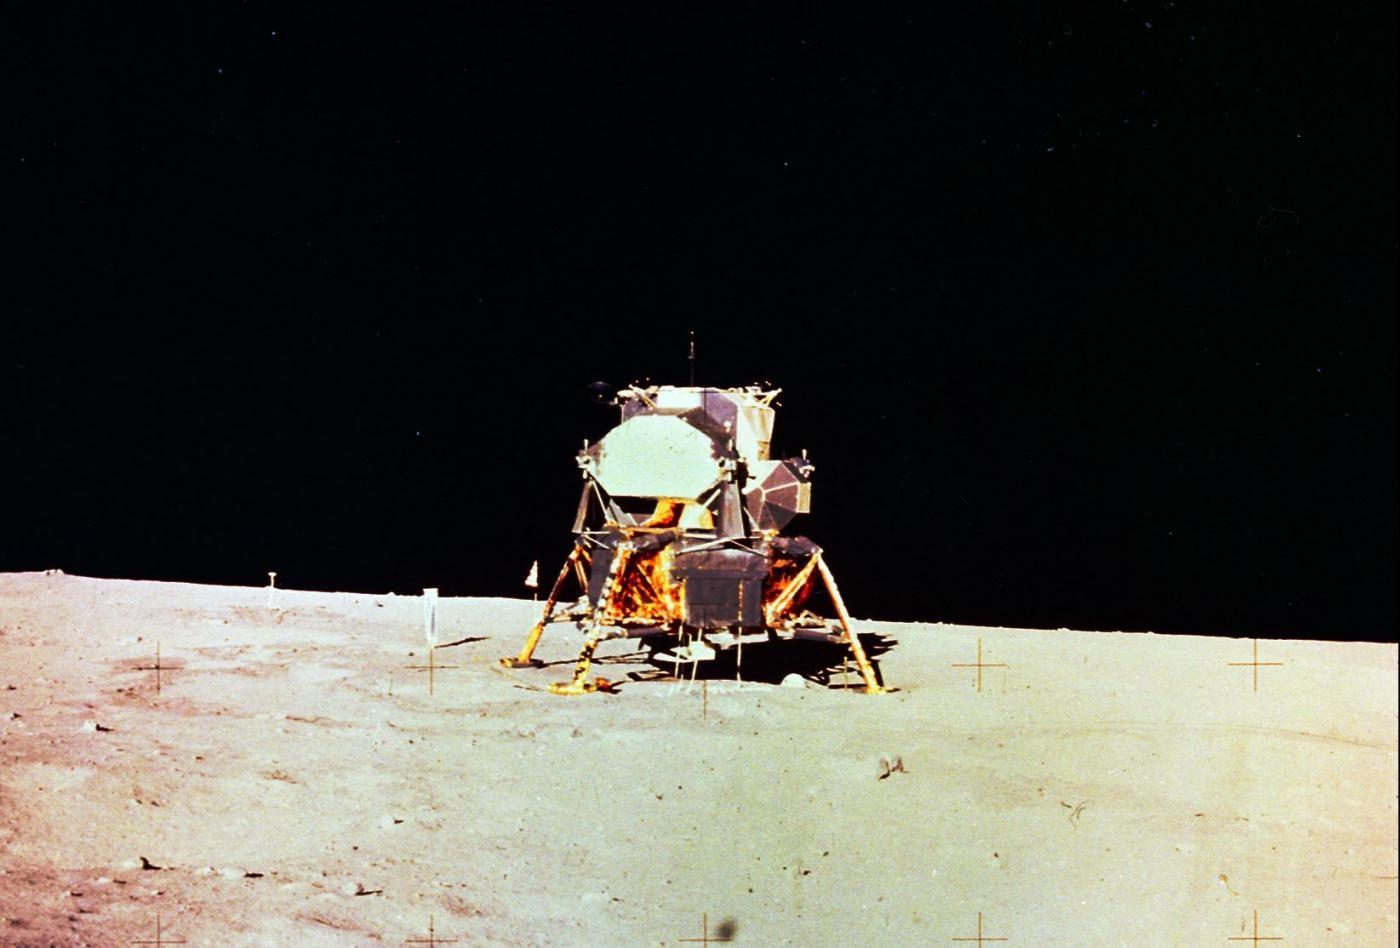 Lunar lander using Hexcel materials